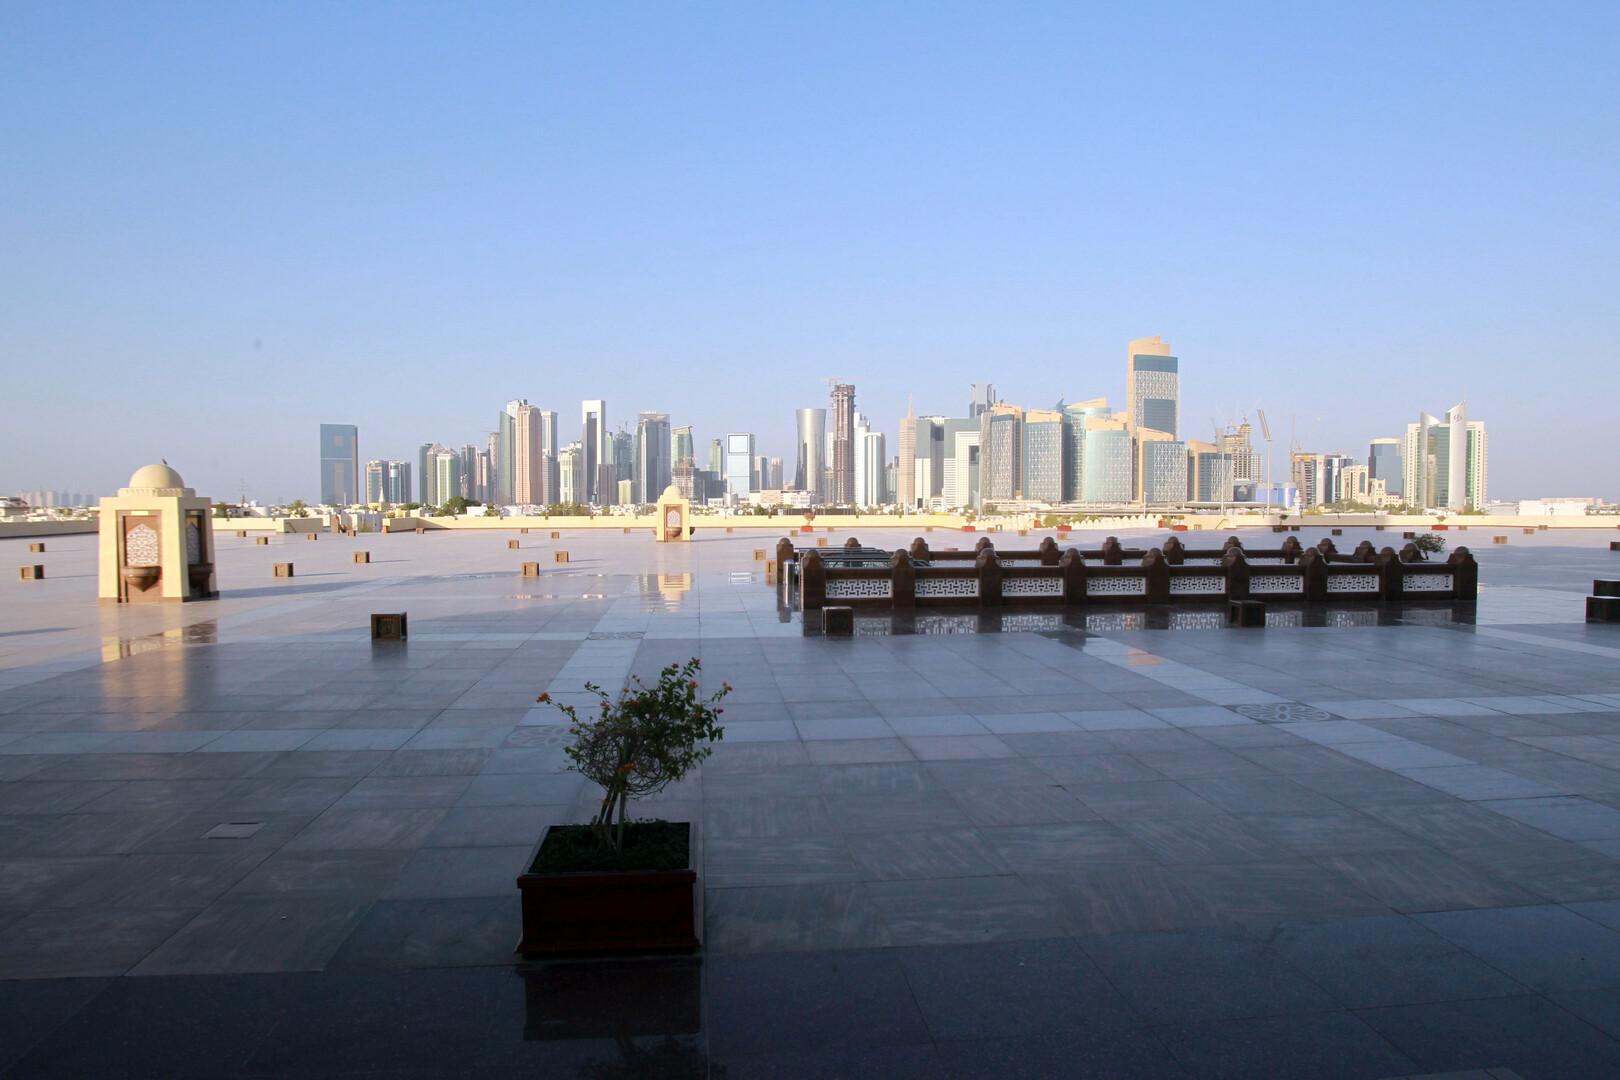 قطر: نتعامل مع الخلاف الأمريكي الإيراني بعقلانية وعواقب أي نزاع ستطال الجميع